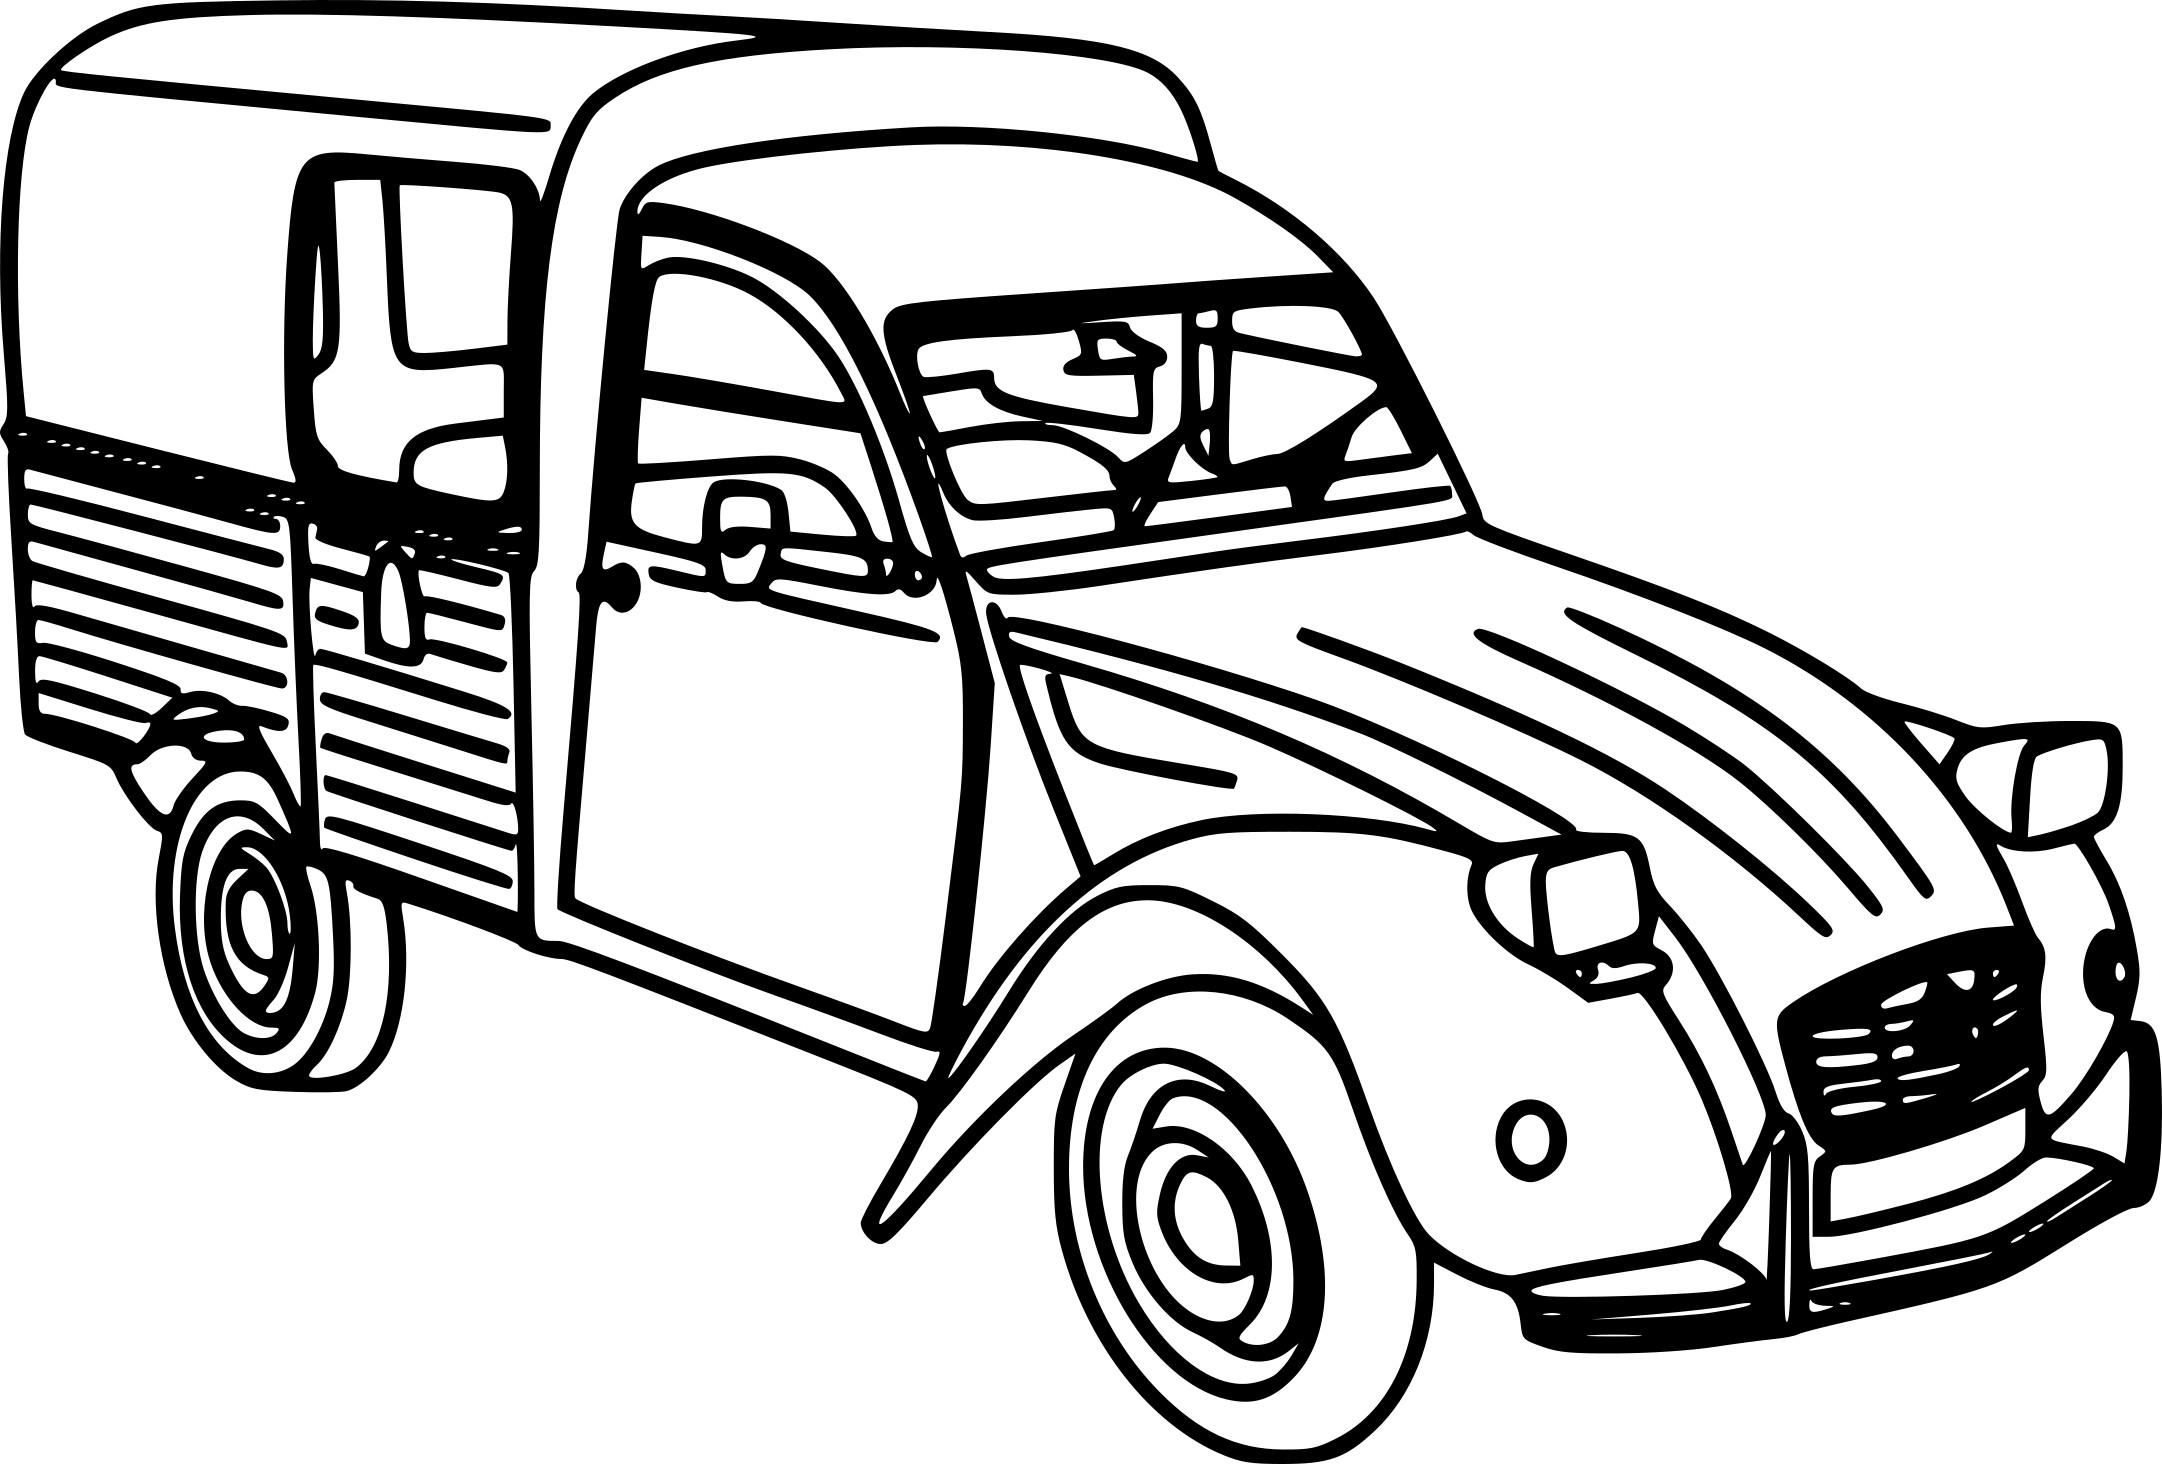 Coloriage Camionnette À Imprimer Sur Coloriages à Coloriage Camion A Imprimer